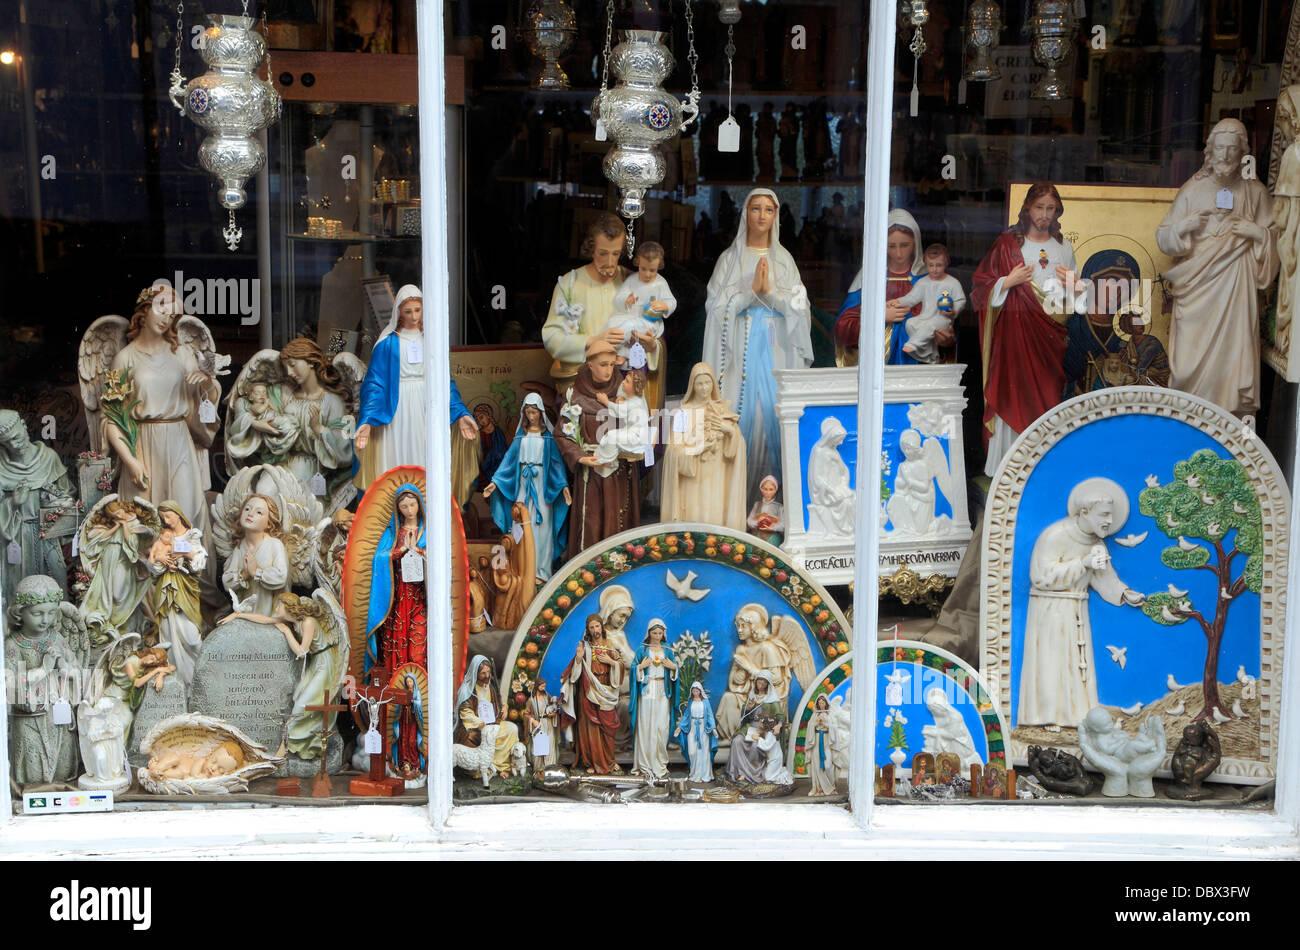 Walsingham, tienda de peregrino, detalle del icono religioso iconos en la ventana accesorios iglesia del Crucifijo, Imagen De Stock